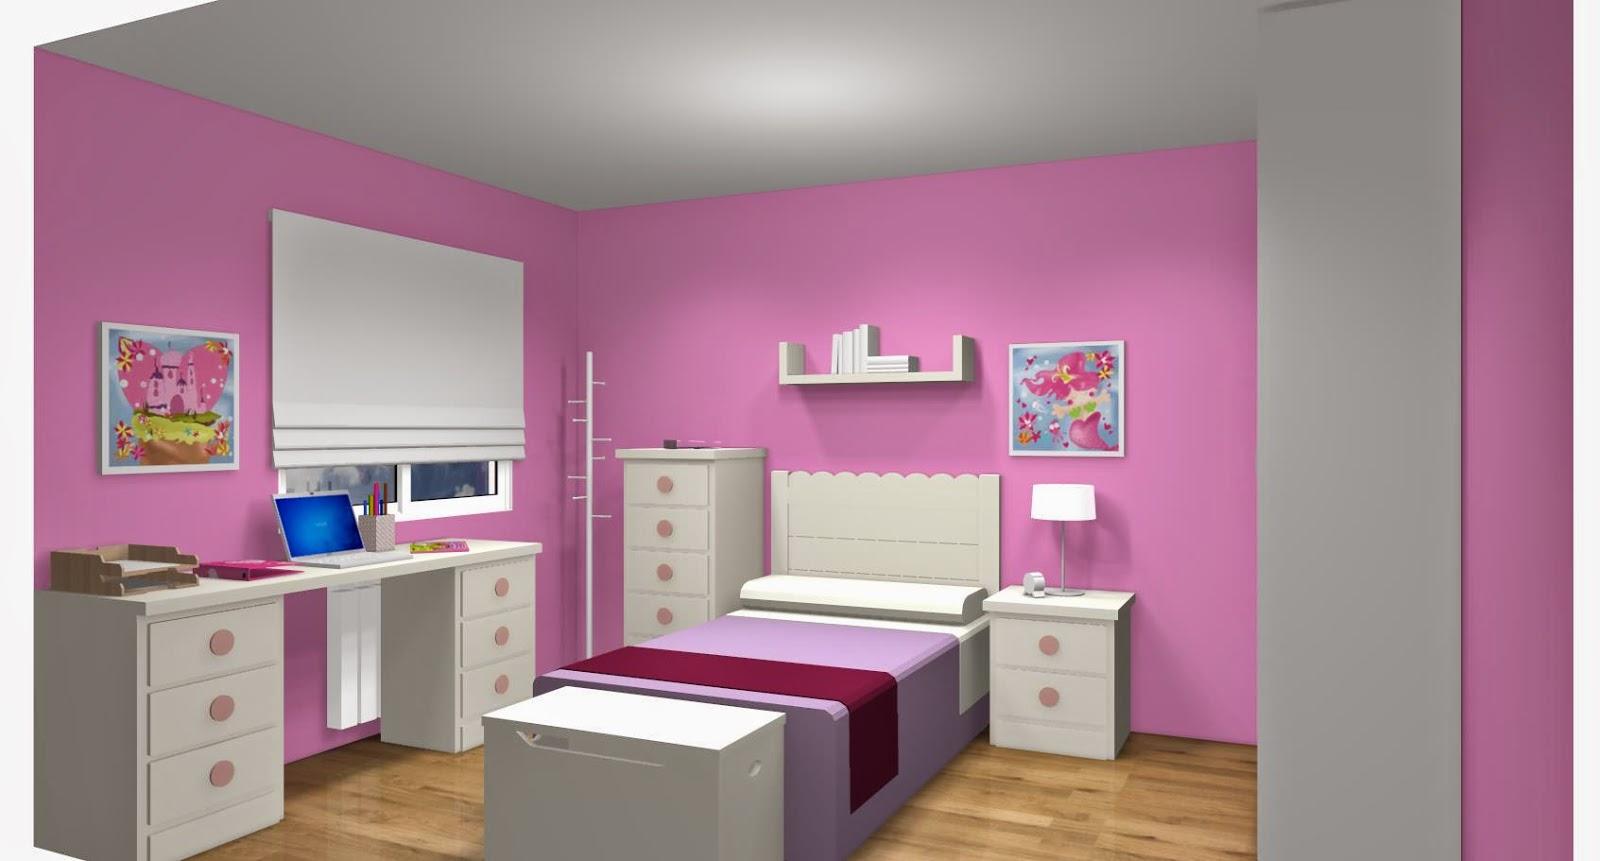 Dise o de cuartos o dormitorios juveniles - Dormitorios juveniles ...